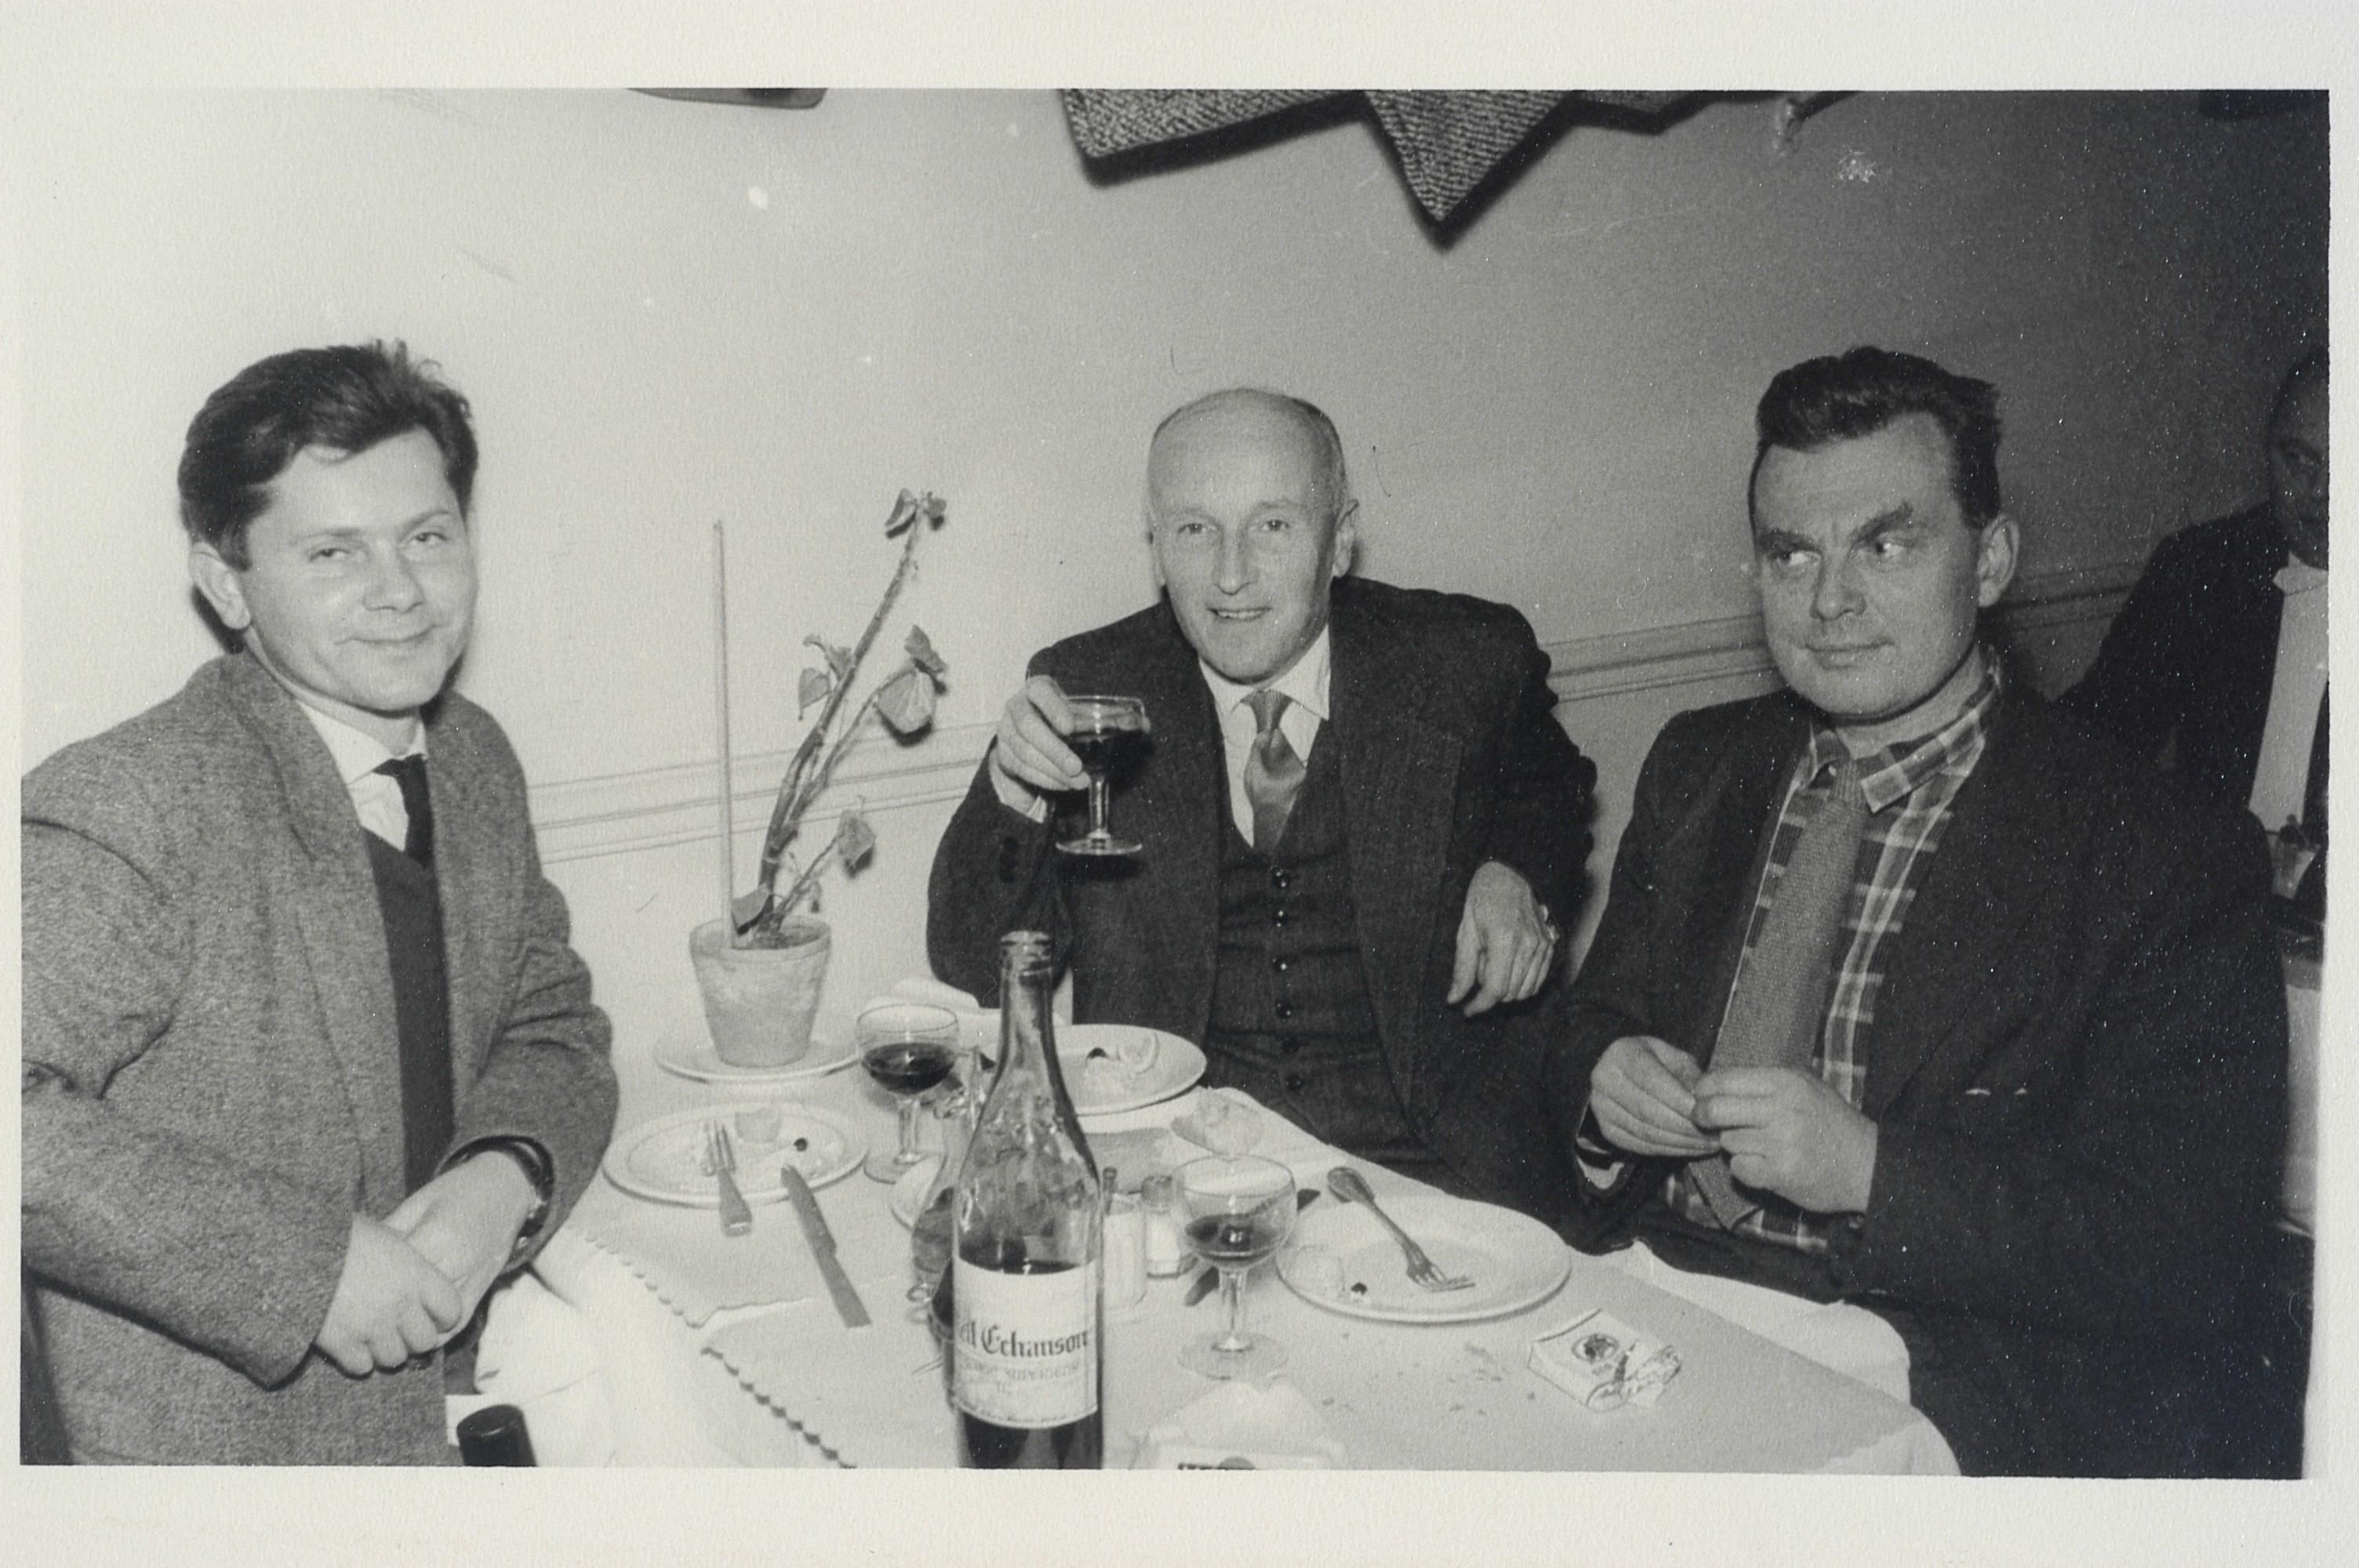 Zbigniew Herbert, Leopold Łabędź i Czesław Miłosz. Paryż, ok. 1958 r. (fot. Archiwum Zbigniewa Herberta, Biblioteka Narodowa)